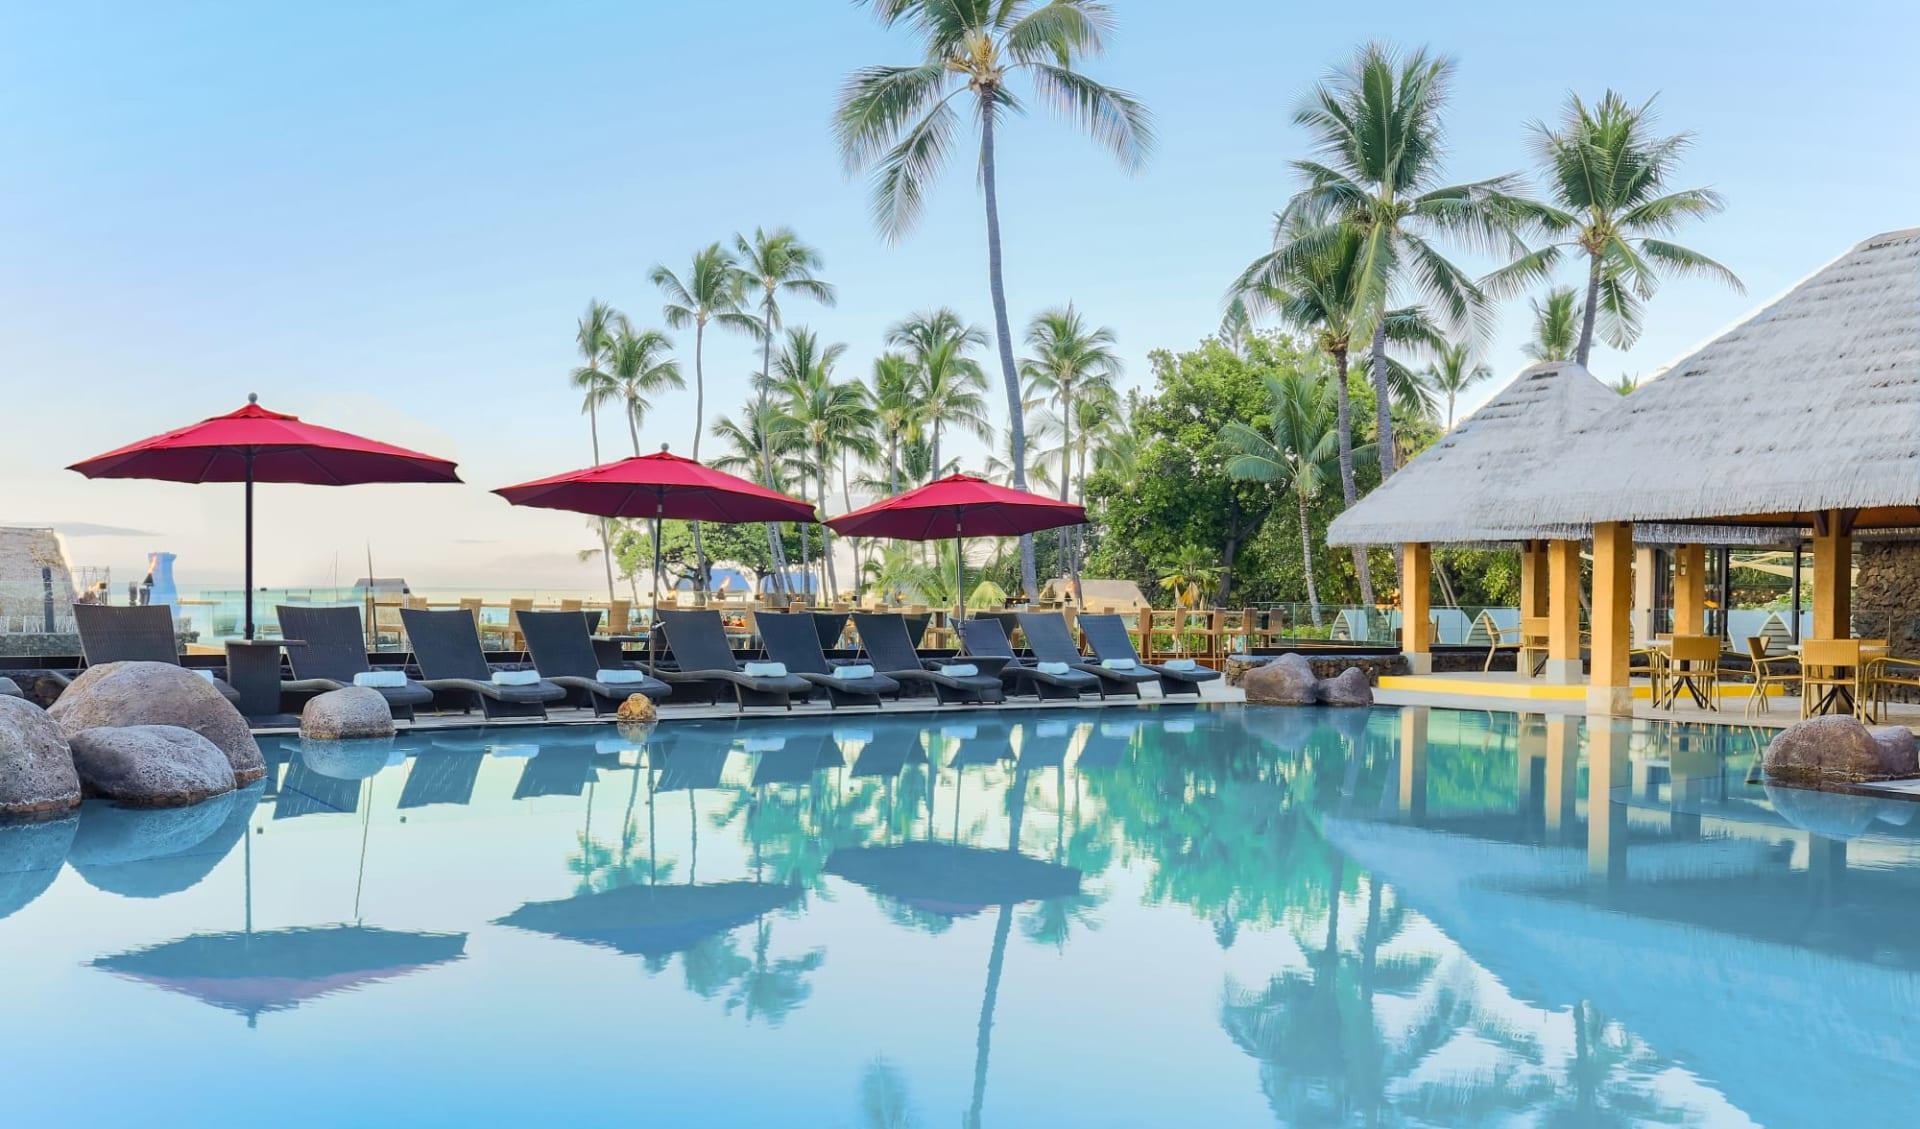 Courtyard King Kamehameha- Kona Beach Hotel in Kailua-Kona: CY-KOACY-pool_6987-300_LRedits